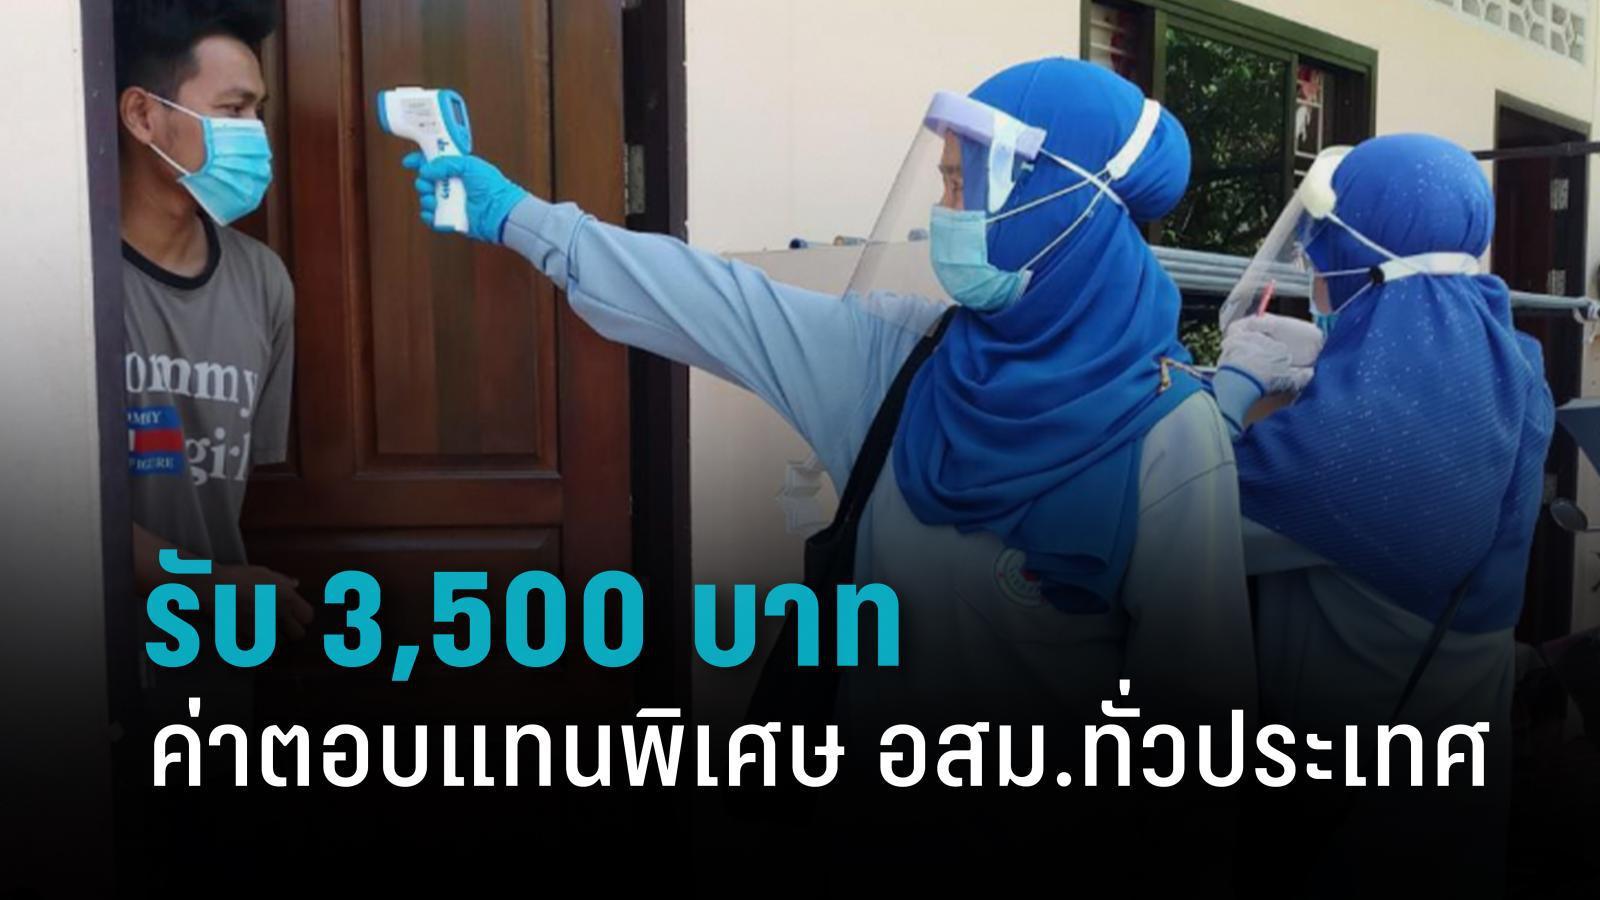 วันนี้โอน !! อสม.เฮ รับค่าตอบแทนพิเศษ 3,500 บาท ล้านคนทั่วประเทศ